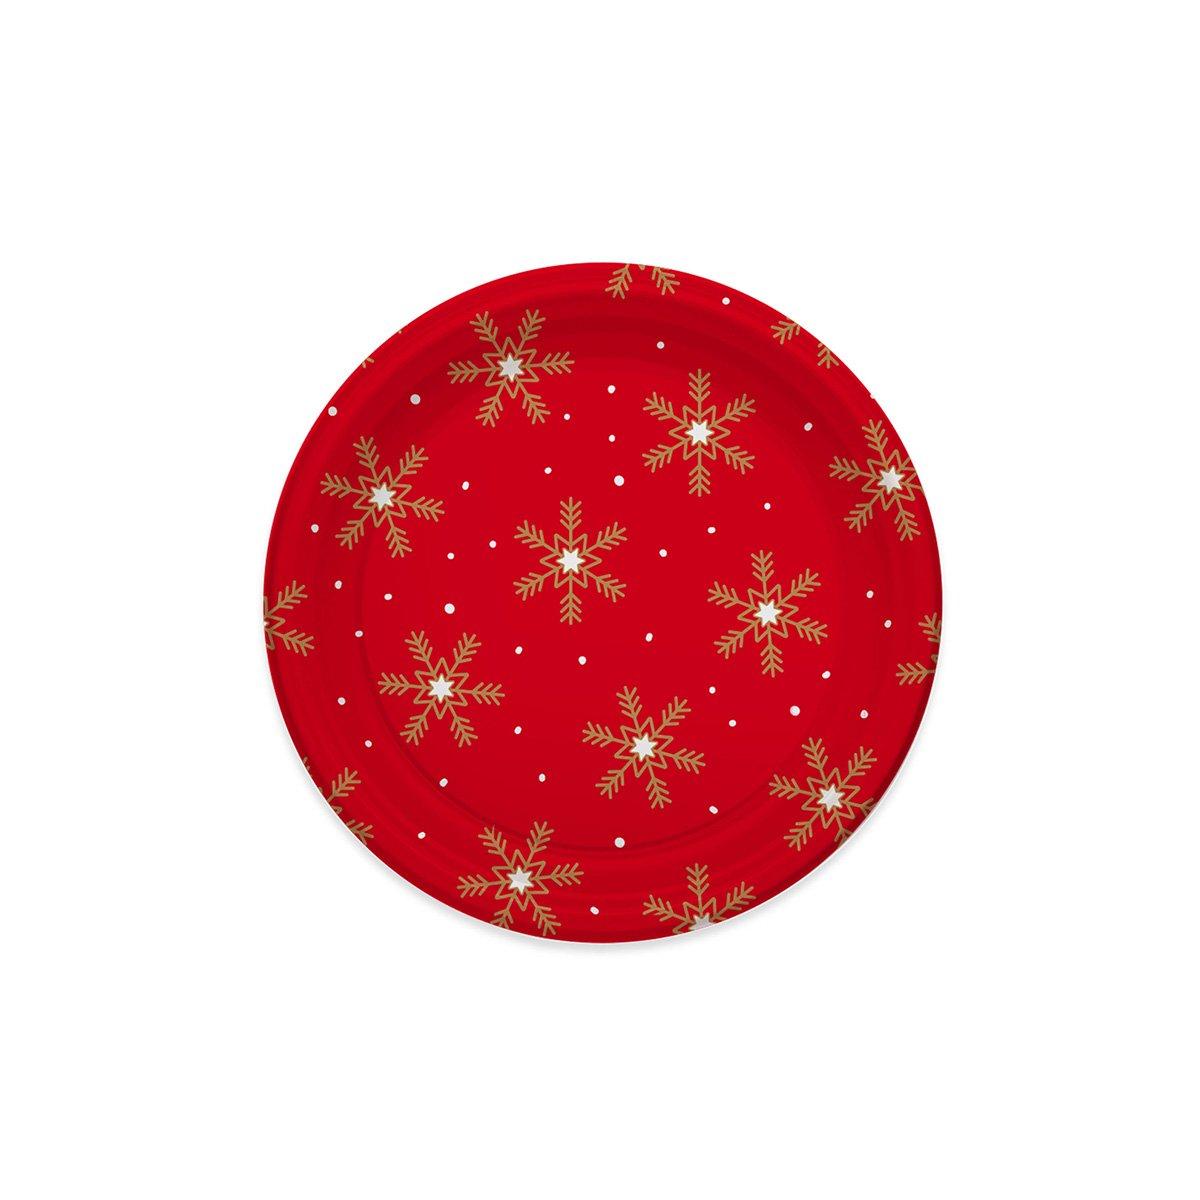 23 cm 4 unidades Platos de pl/ástico decorados con dise/ño de Navidad Colecci/ón Snowflakes